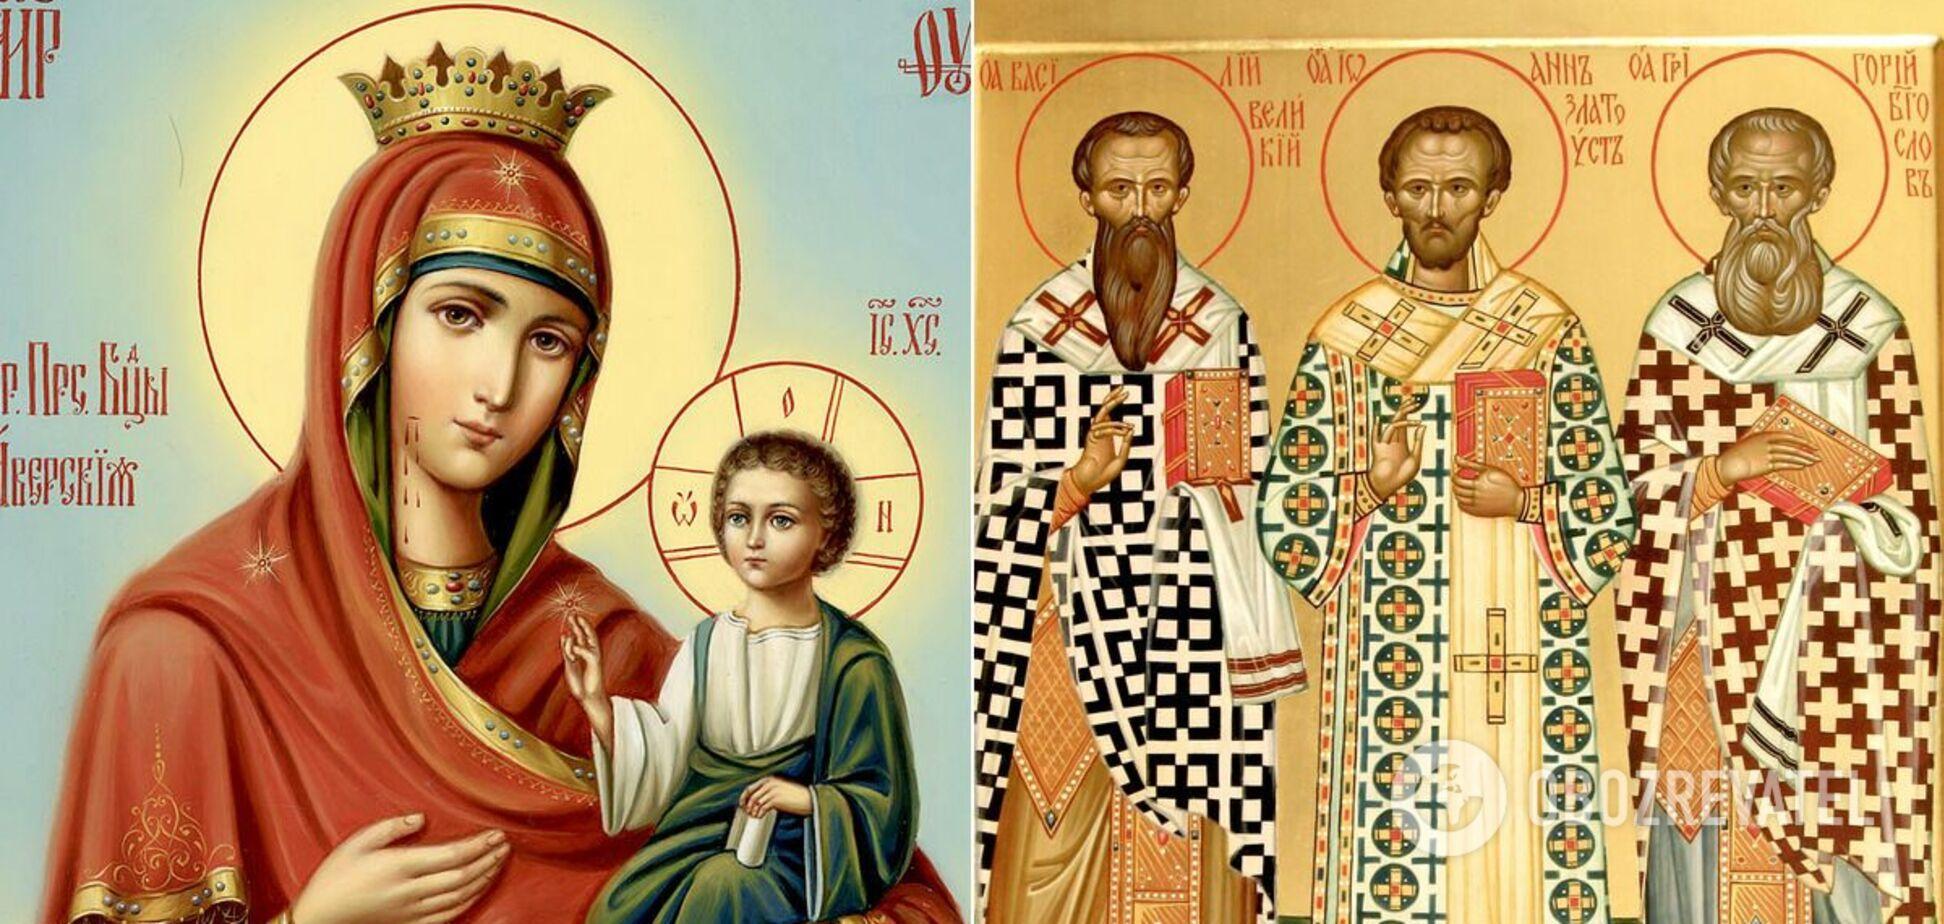 Иверская икона Божьей Матери / Икона 'Собор трех святителей'